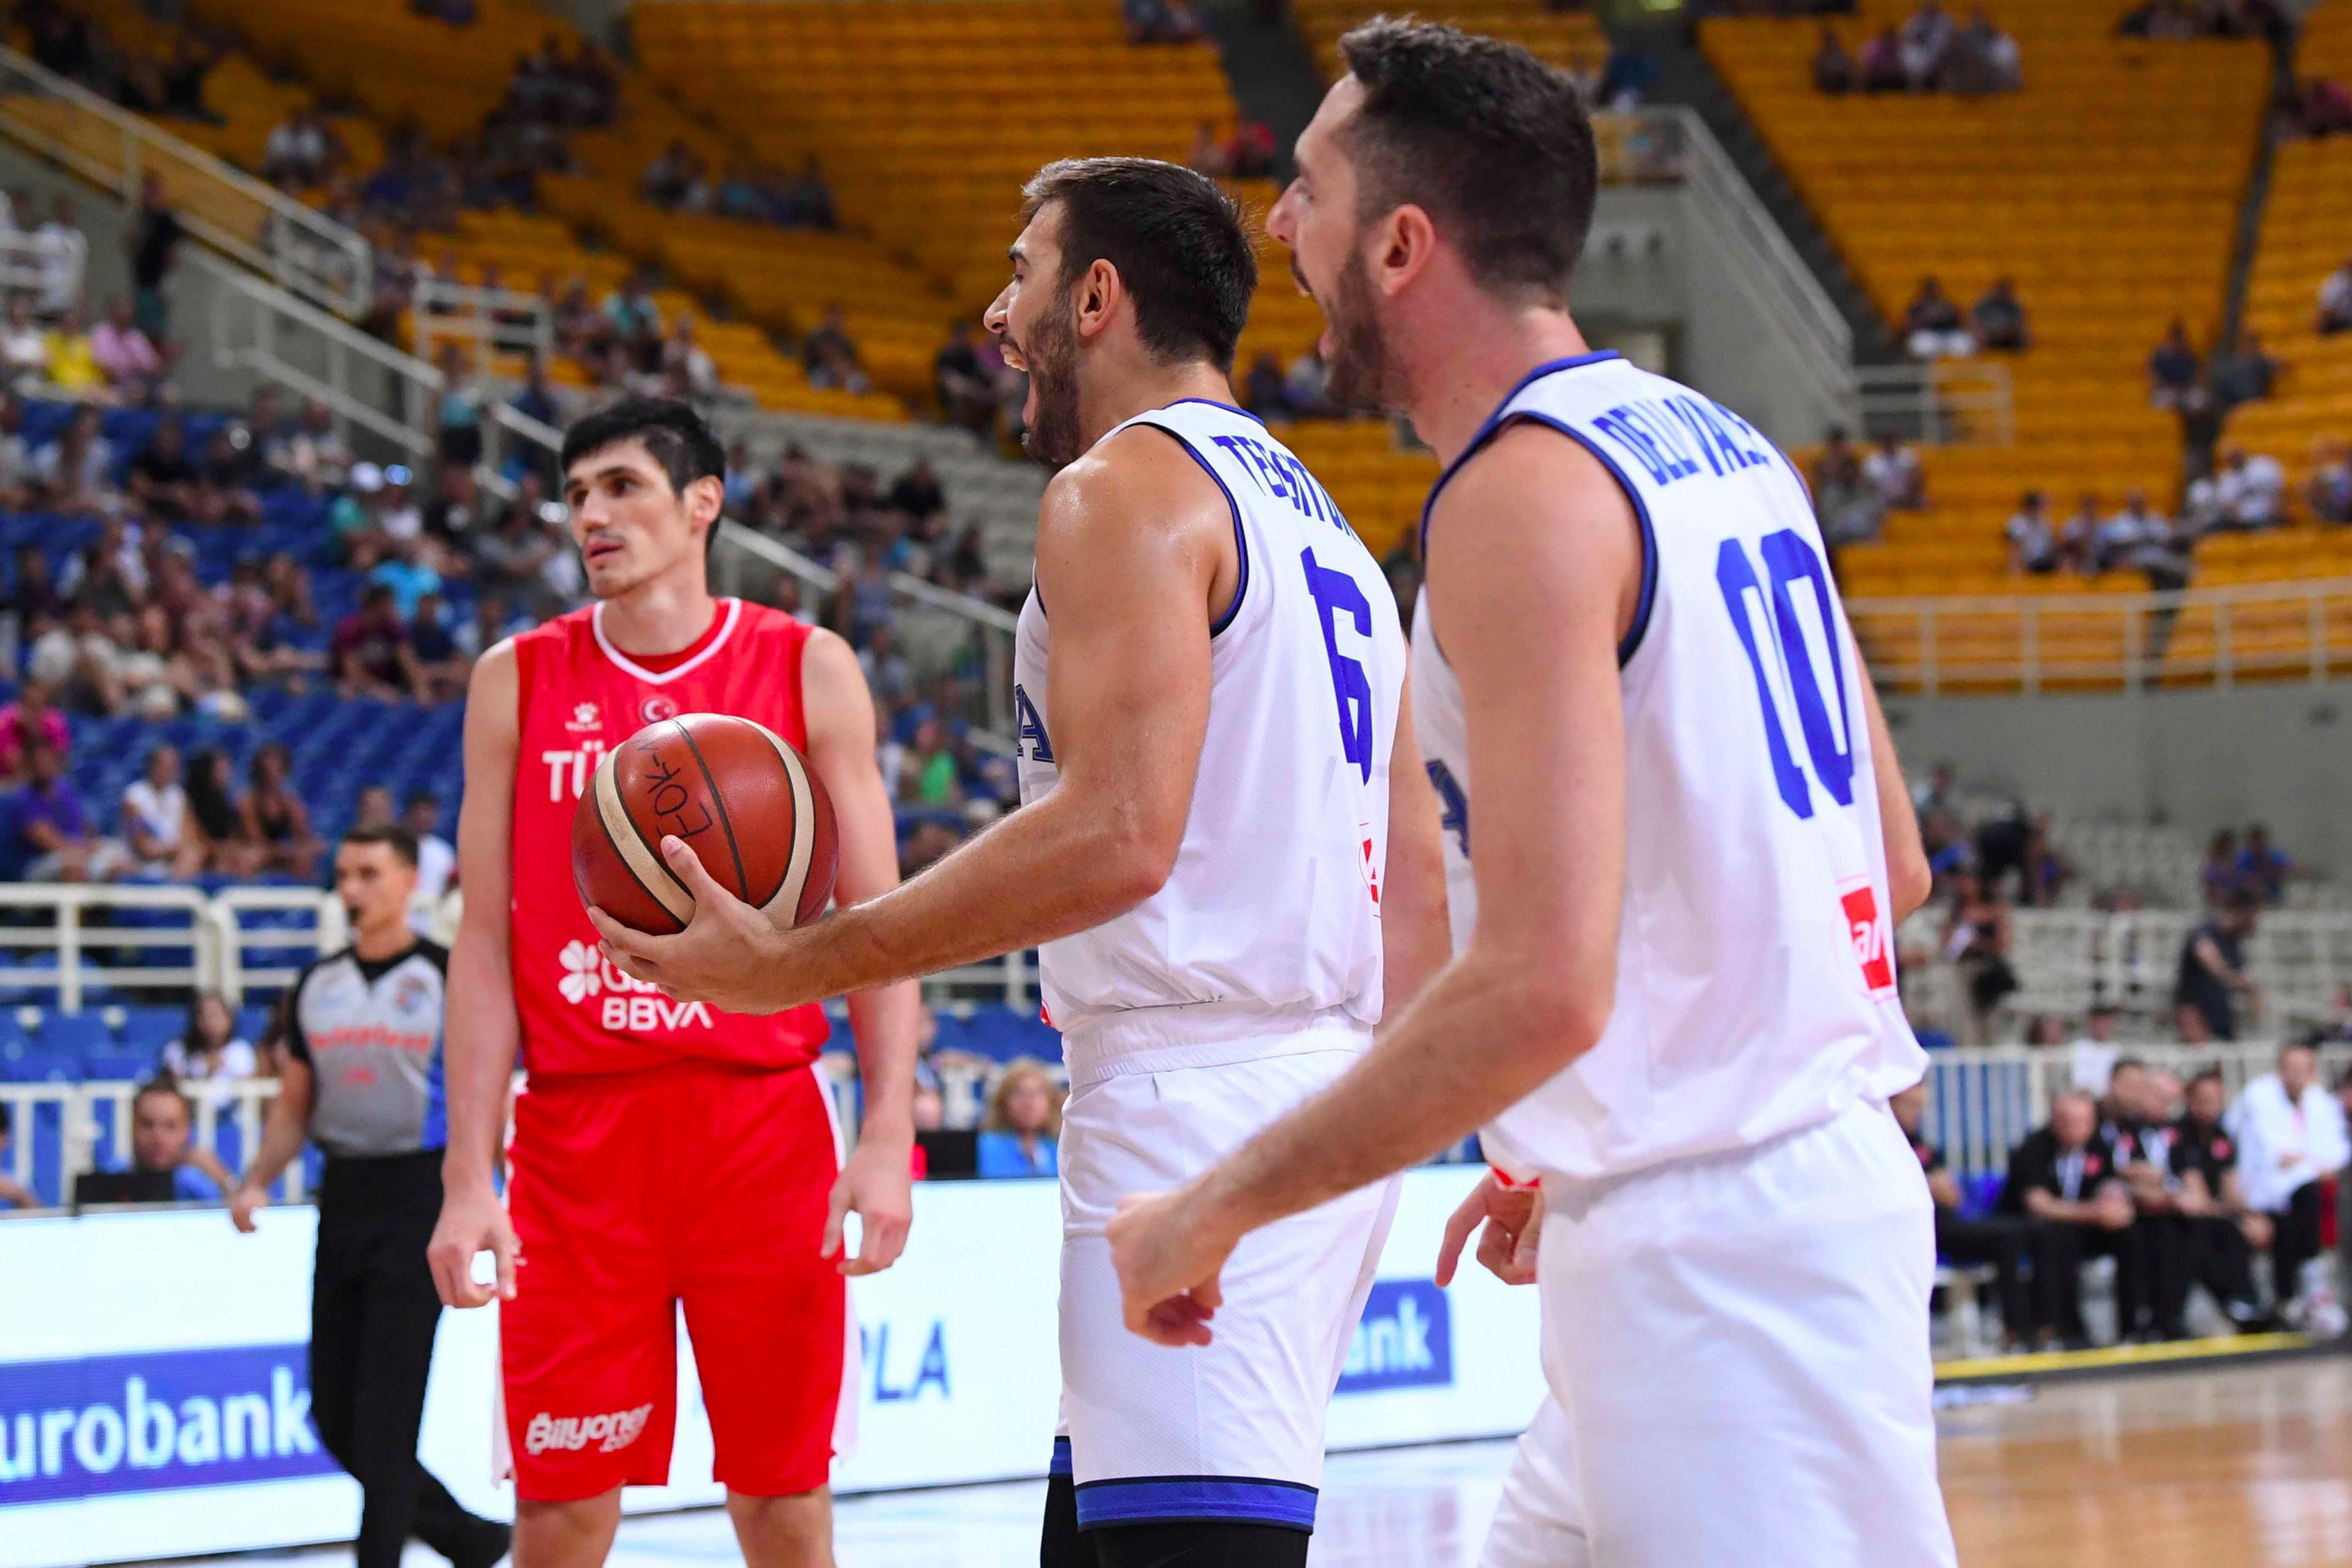 Nel torneo dell'Acropoli gli azzurri cedono alla Turchia per 70-72